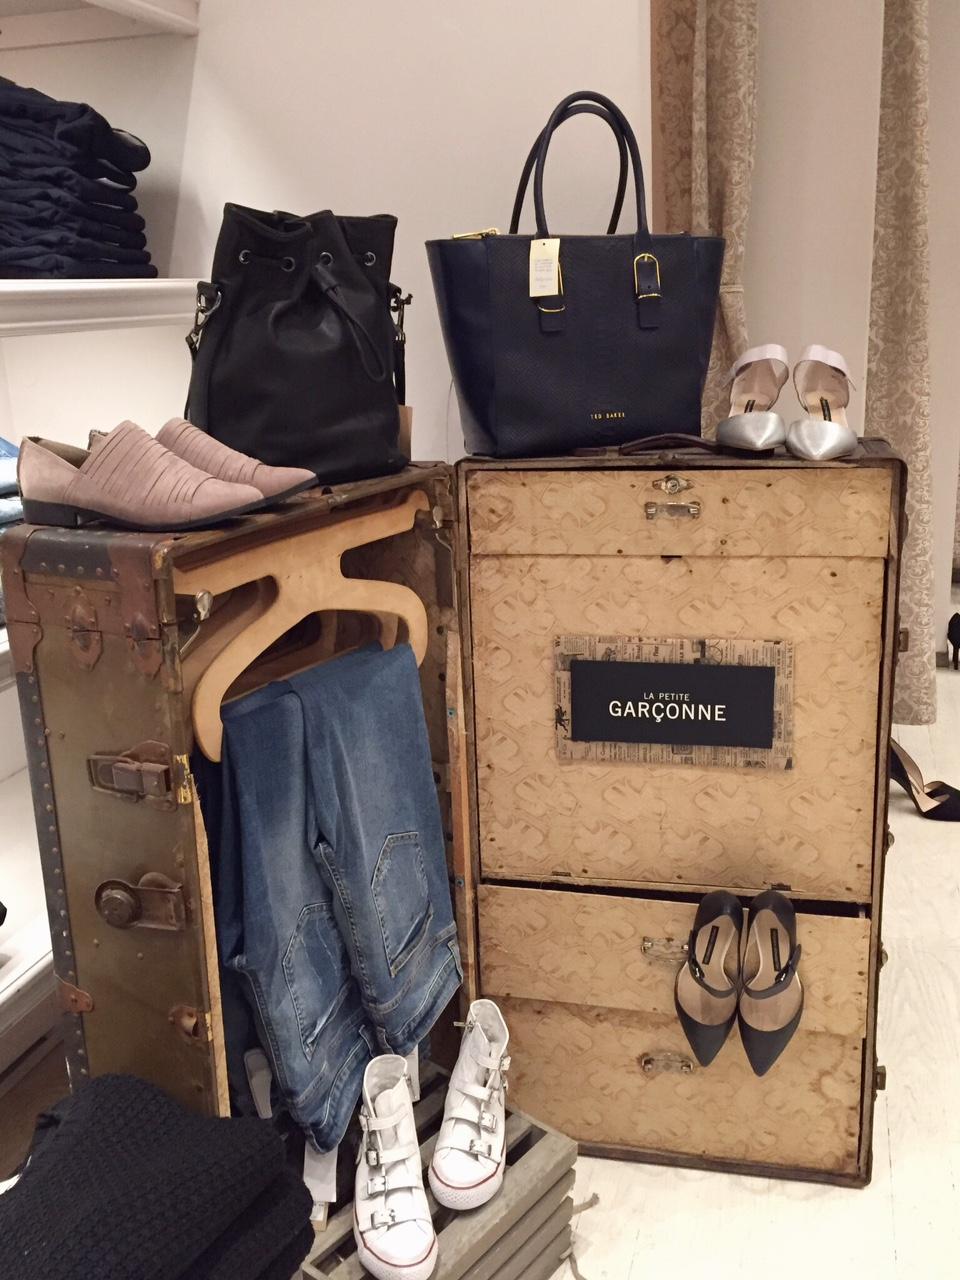 La Petite Garconne Suitcase